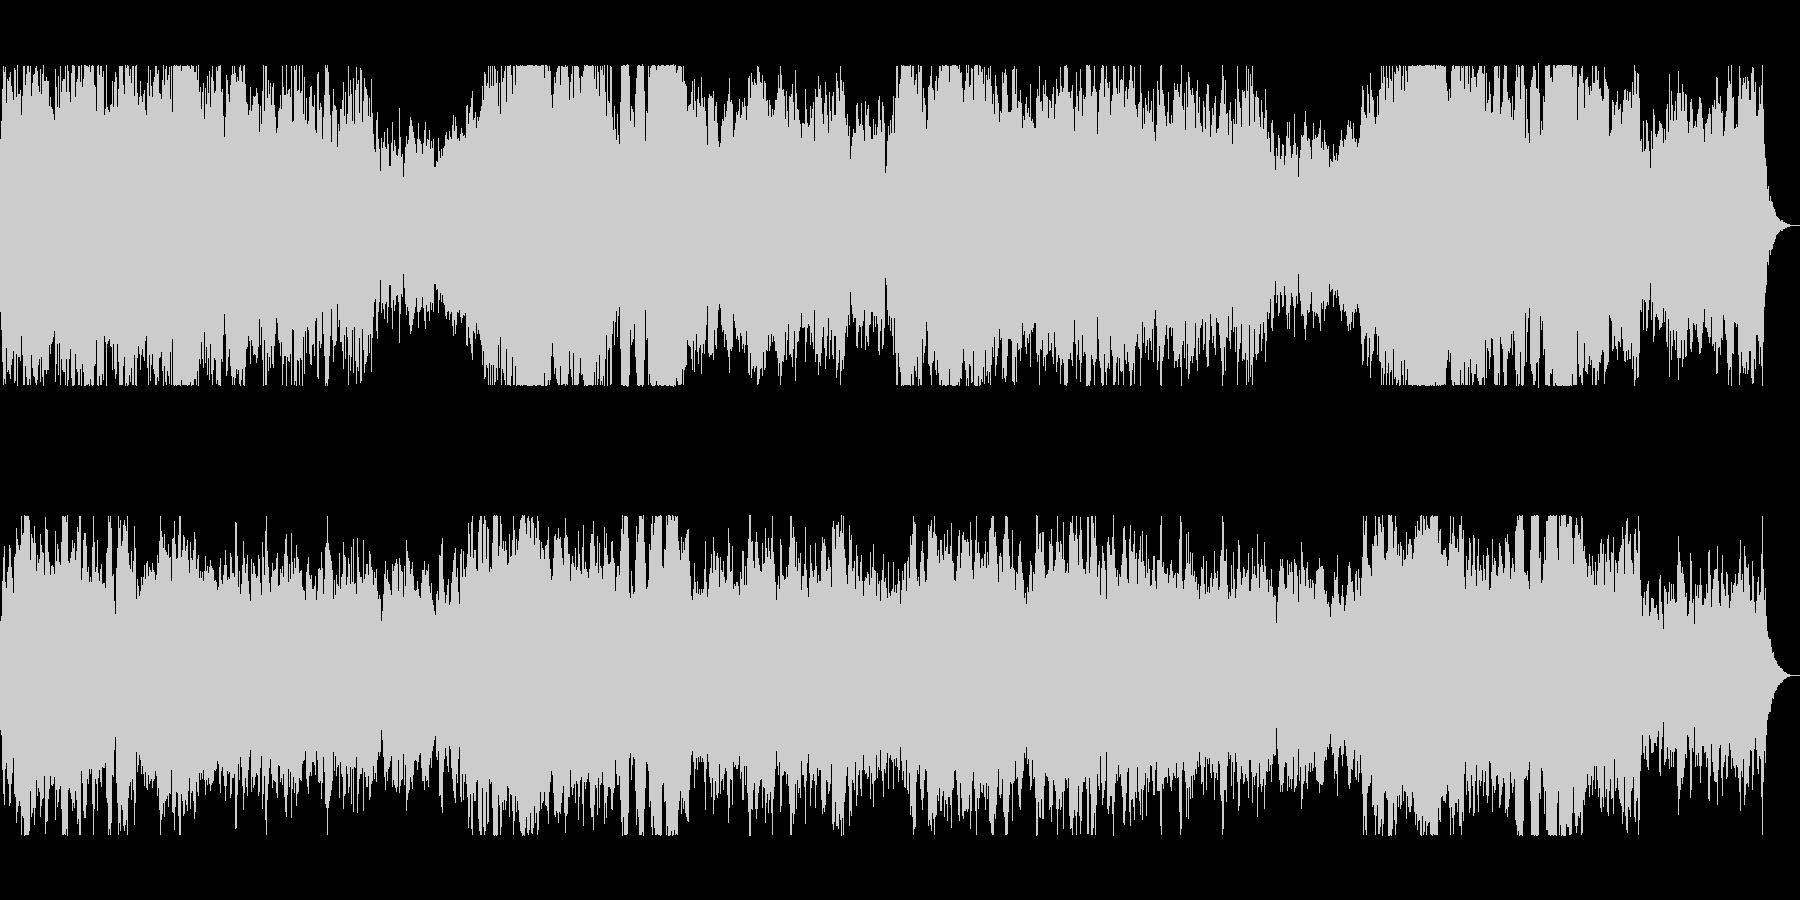 壮大で前向き広がりのあるオーケストラの曲の未再生の波形